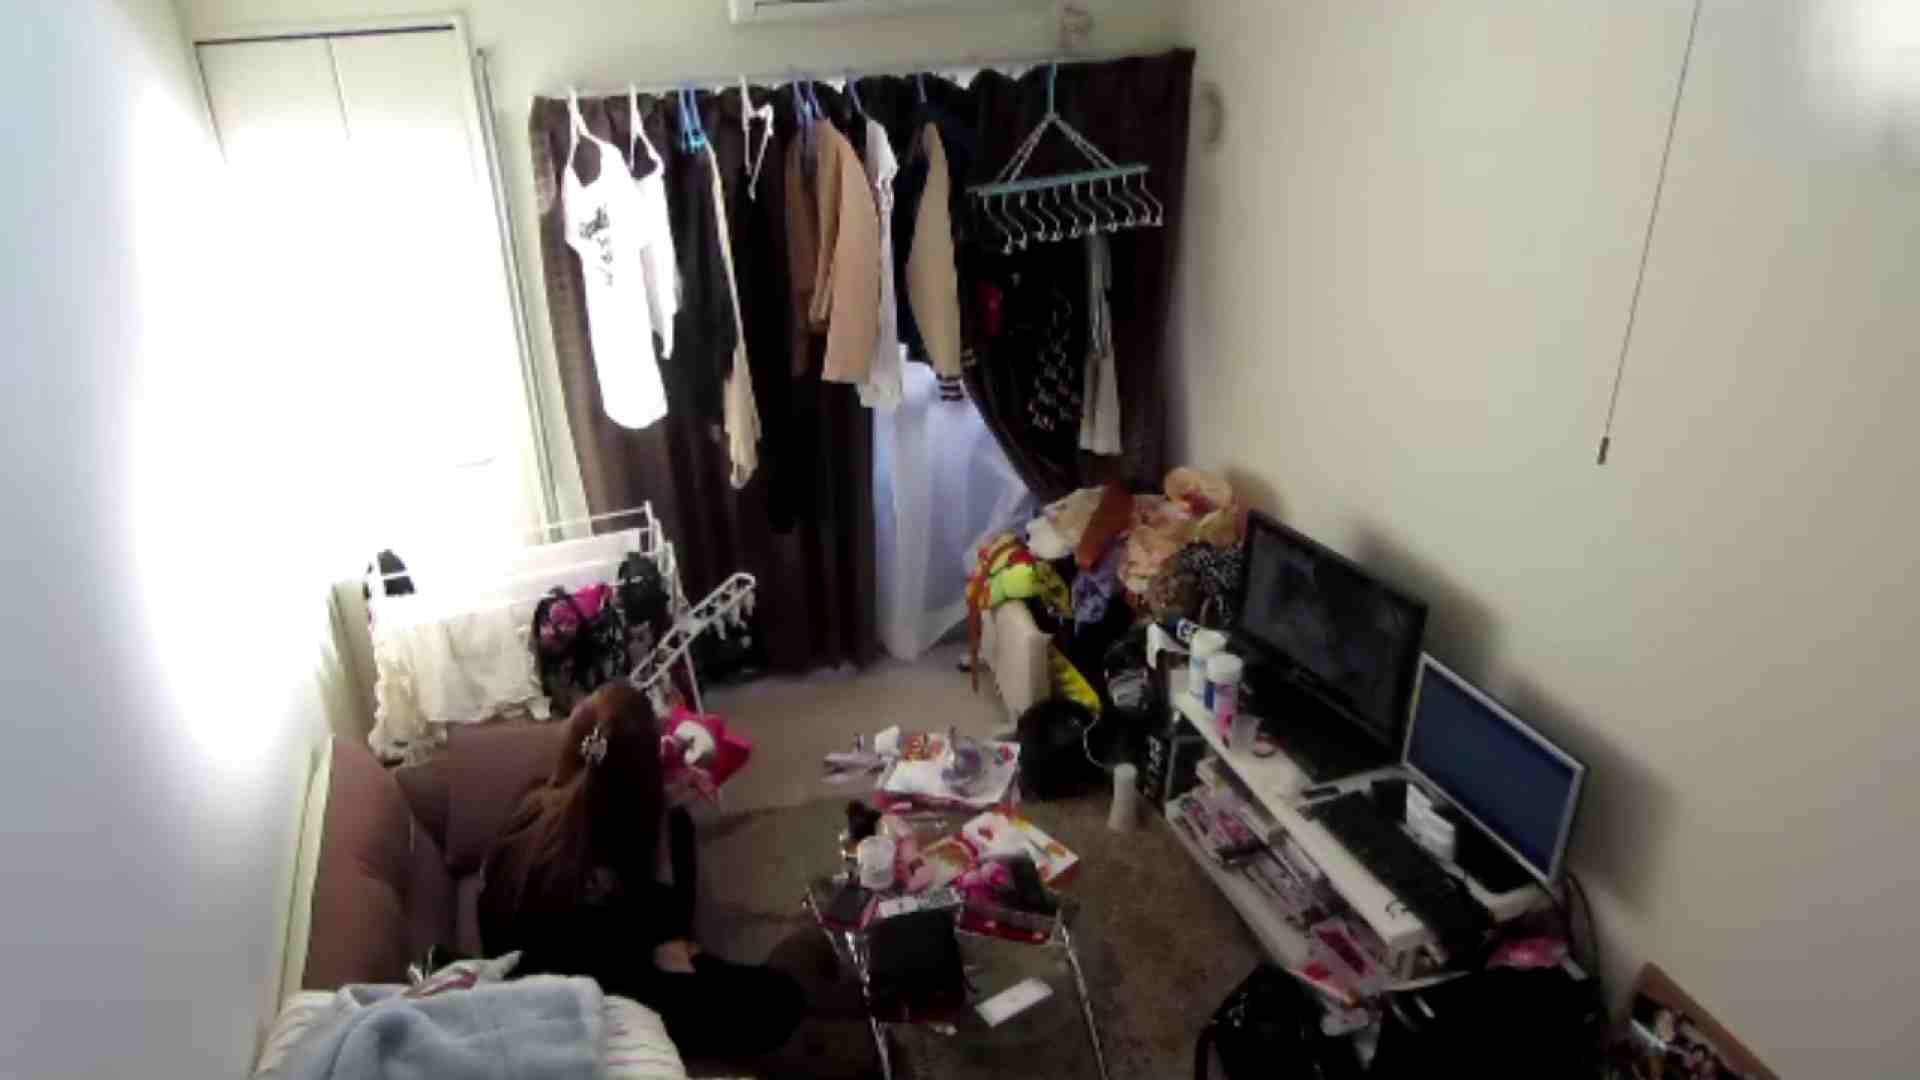 【02】出社後のお女市さんの部屋に入ってデータを回収 お姉さん達のヌード | 0  49連発